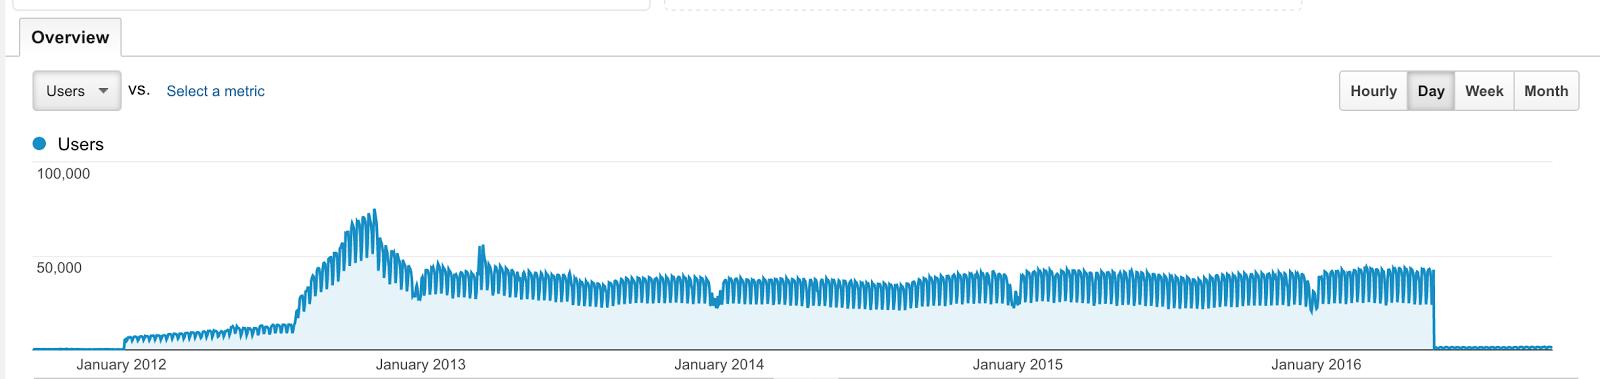 Google Analytics Users Chart